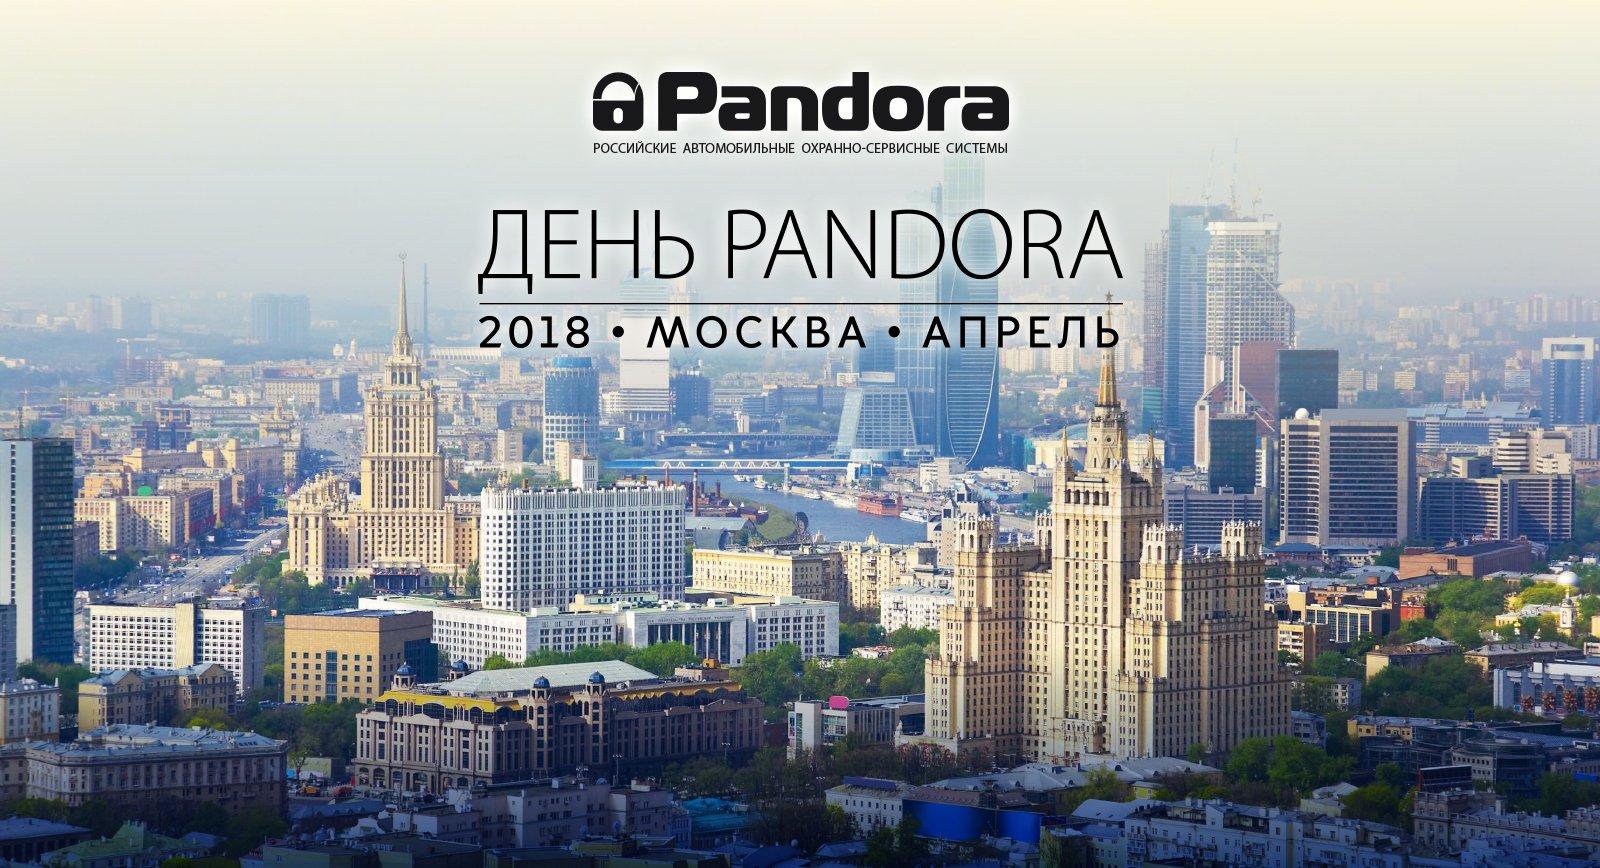 День Pandora в Москве 2018